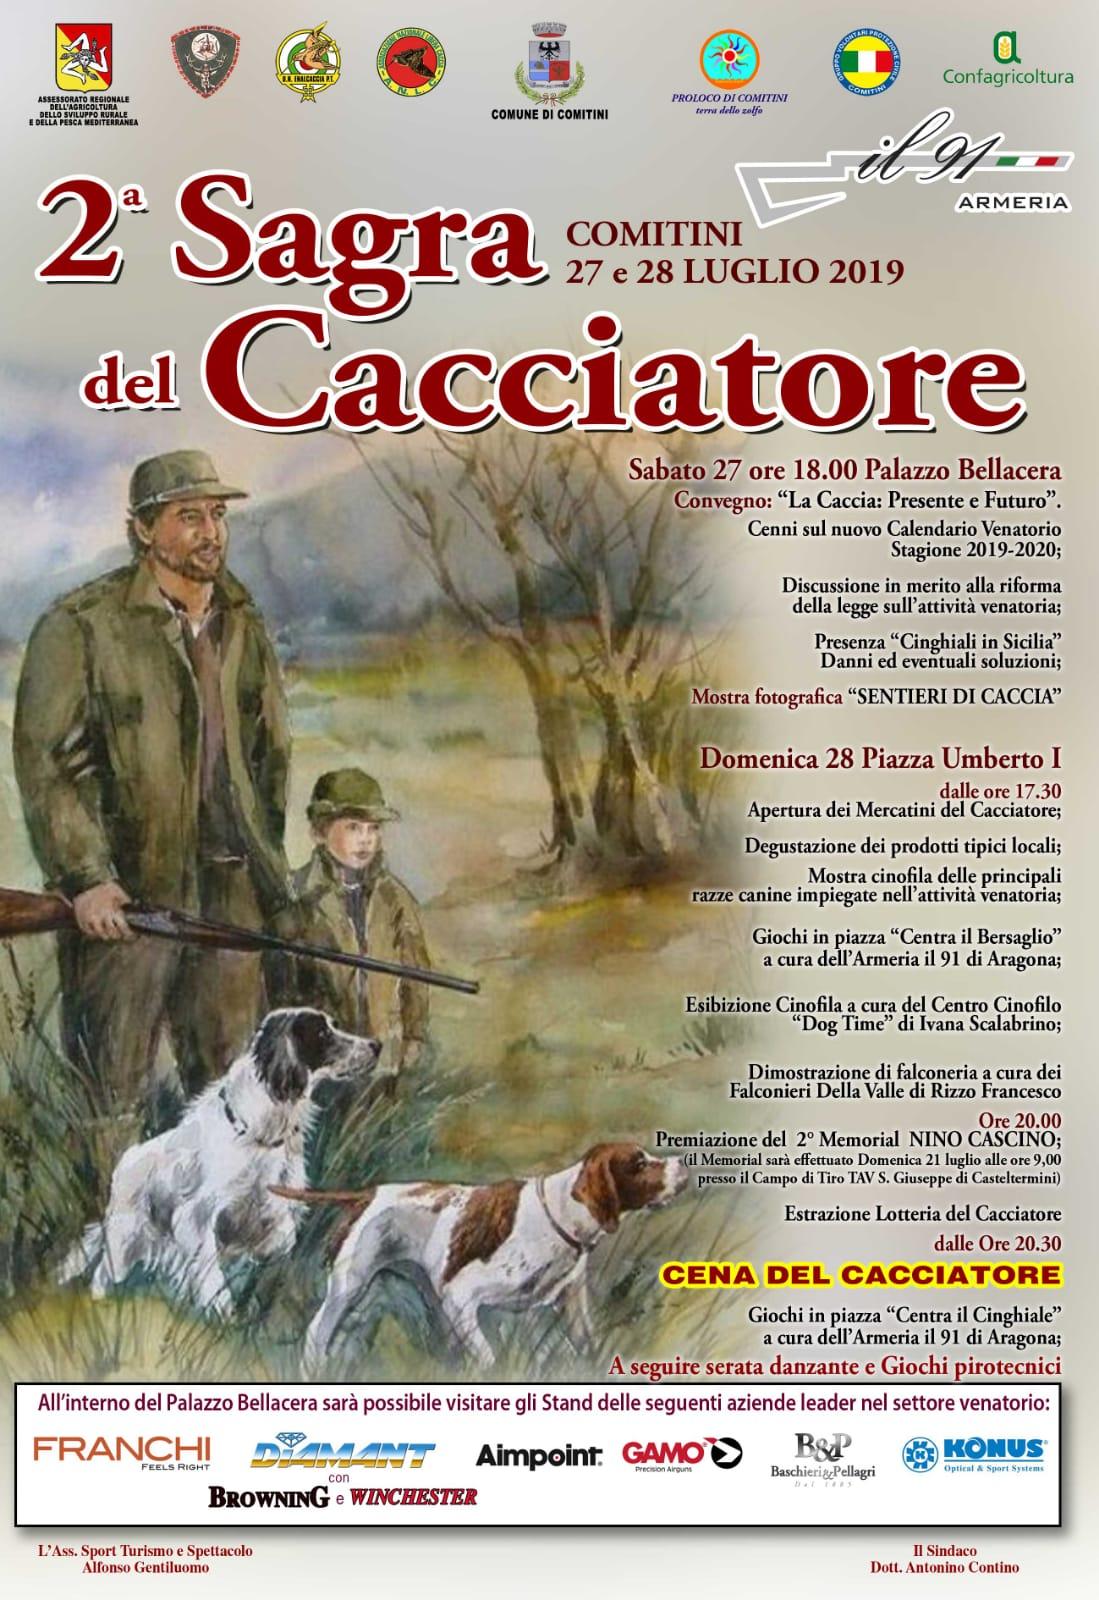 Federazione Siciliana Della Caccia Calendario Venatorio.Comitini 2 Sagra Del Cacciatore Tavula Misa E Pani